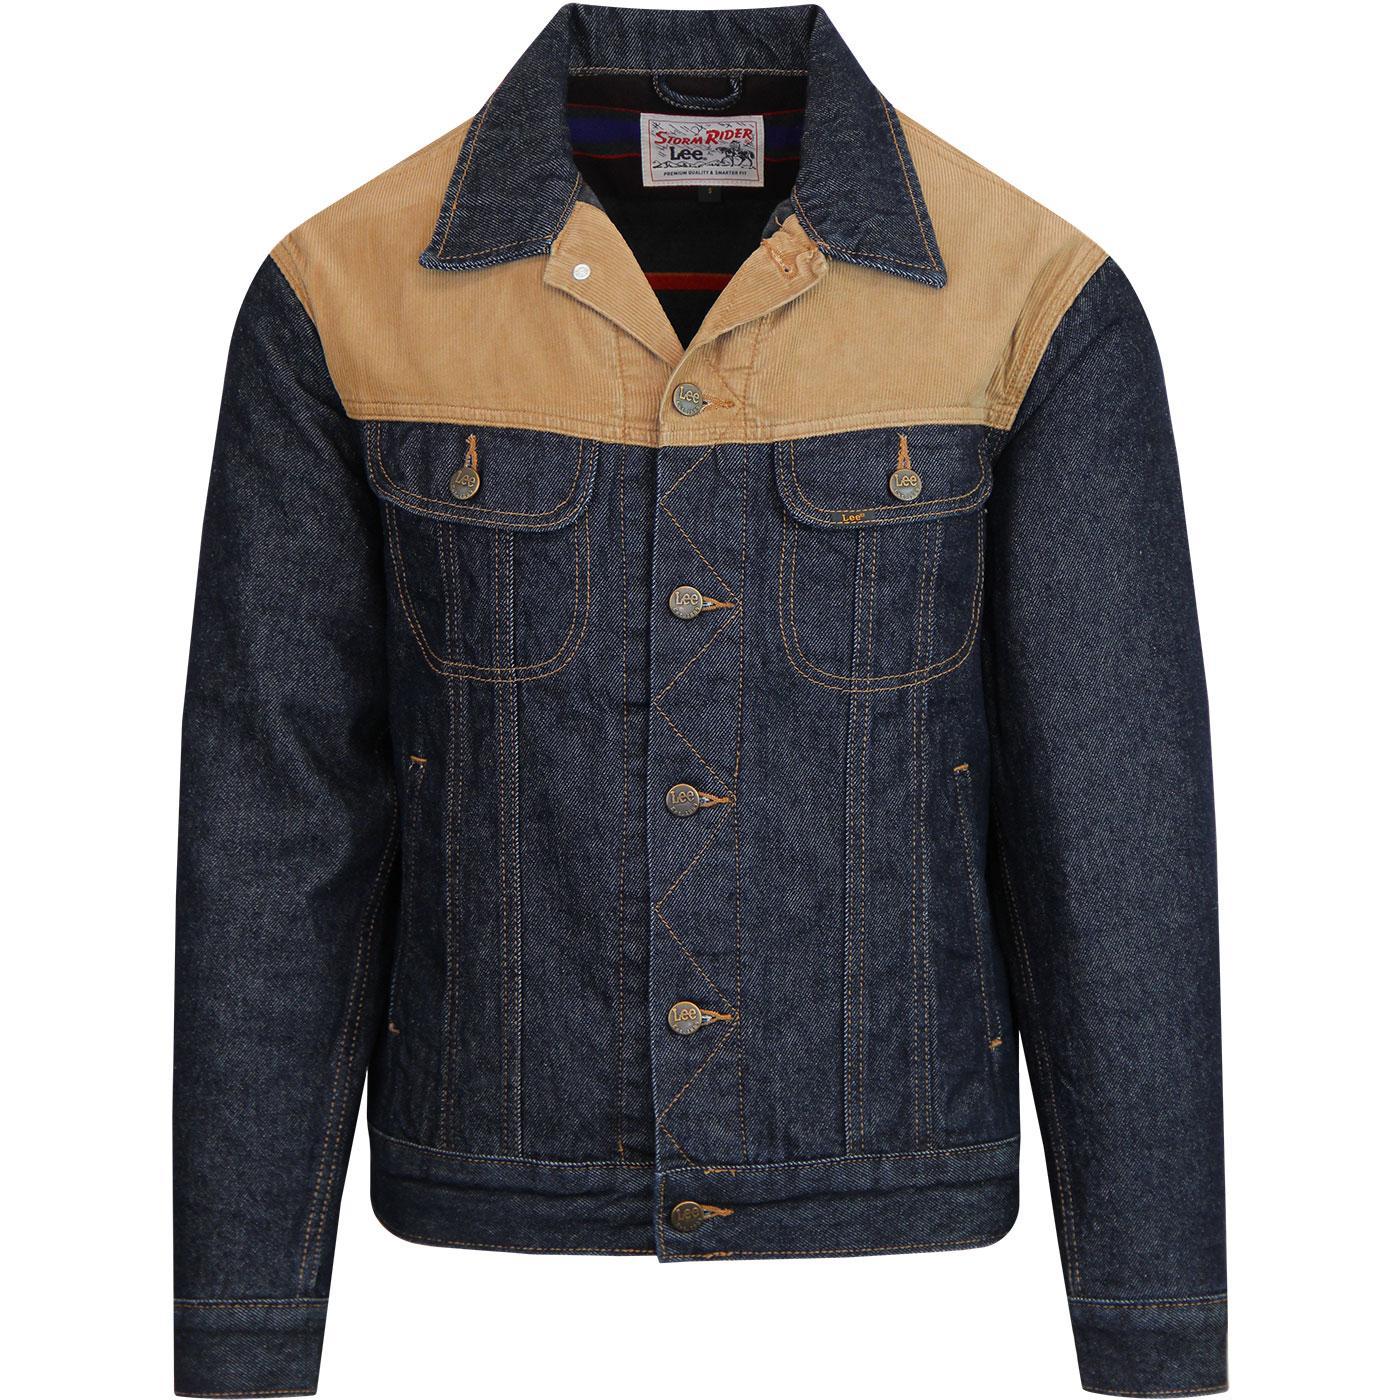 24912ec1 LEE Storm Rider Men's Retro 70s Mod Cord & Denim Jacket